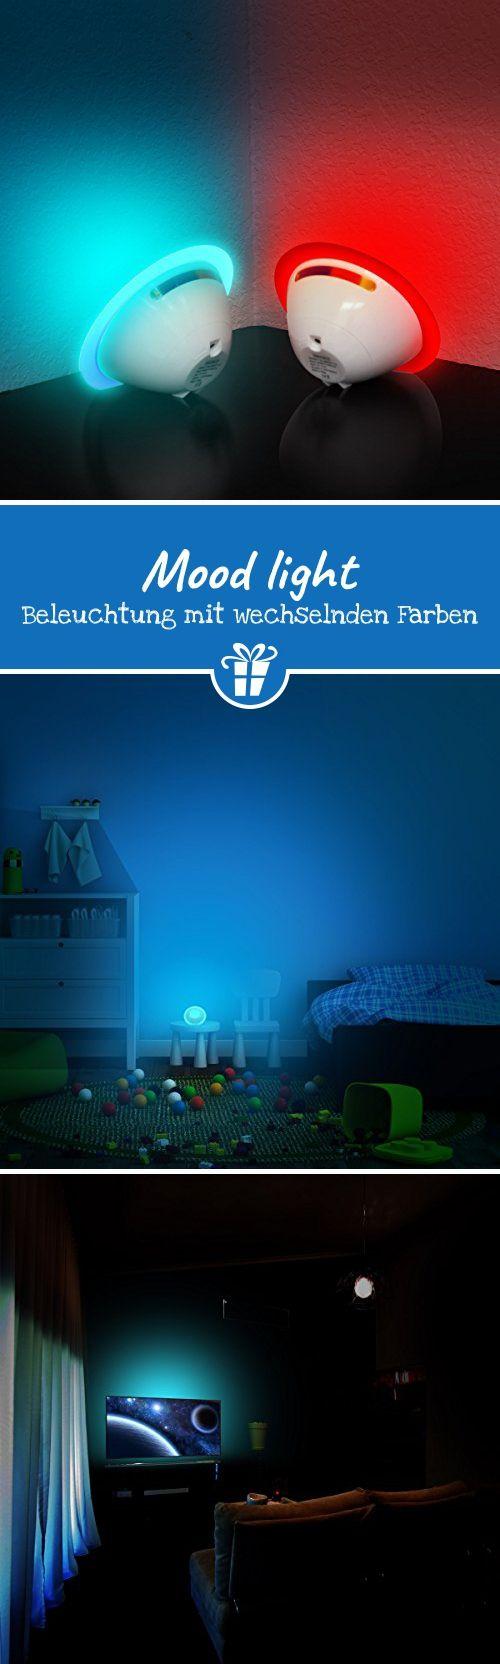 LED Projektor Nachtlicht (Mood Light) Beleuchtung mit Wechselnden Farben Ideal für Kinder, Dekoration, Design, Leselampe, Tischlampe, Tischdeko & mehr - lustige Geschenkideen   ausgefallene Geschenkideen   coole Gadgets   Geek Gadgets   Gadgets Gifts (*Partner-Link)